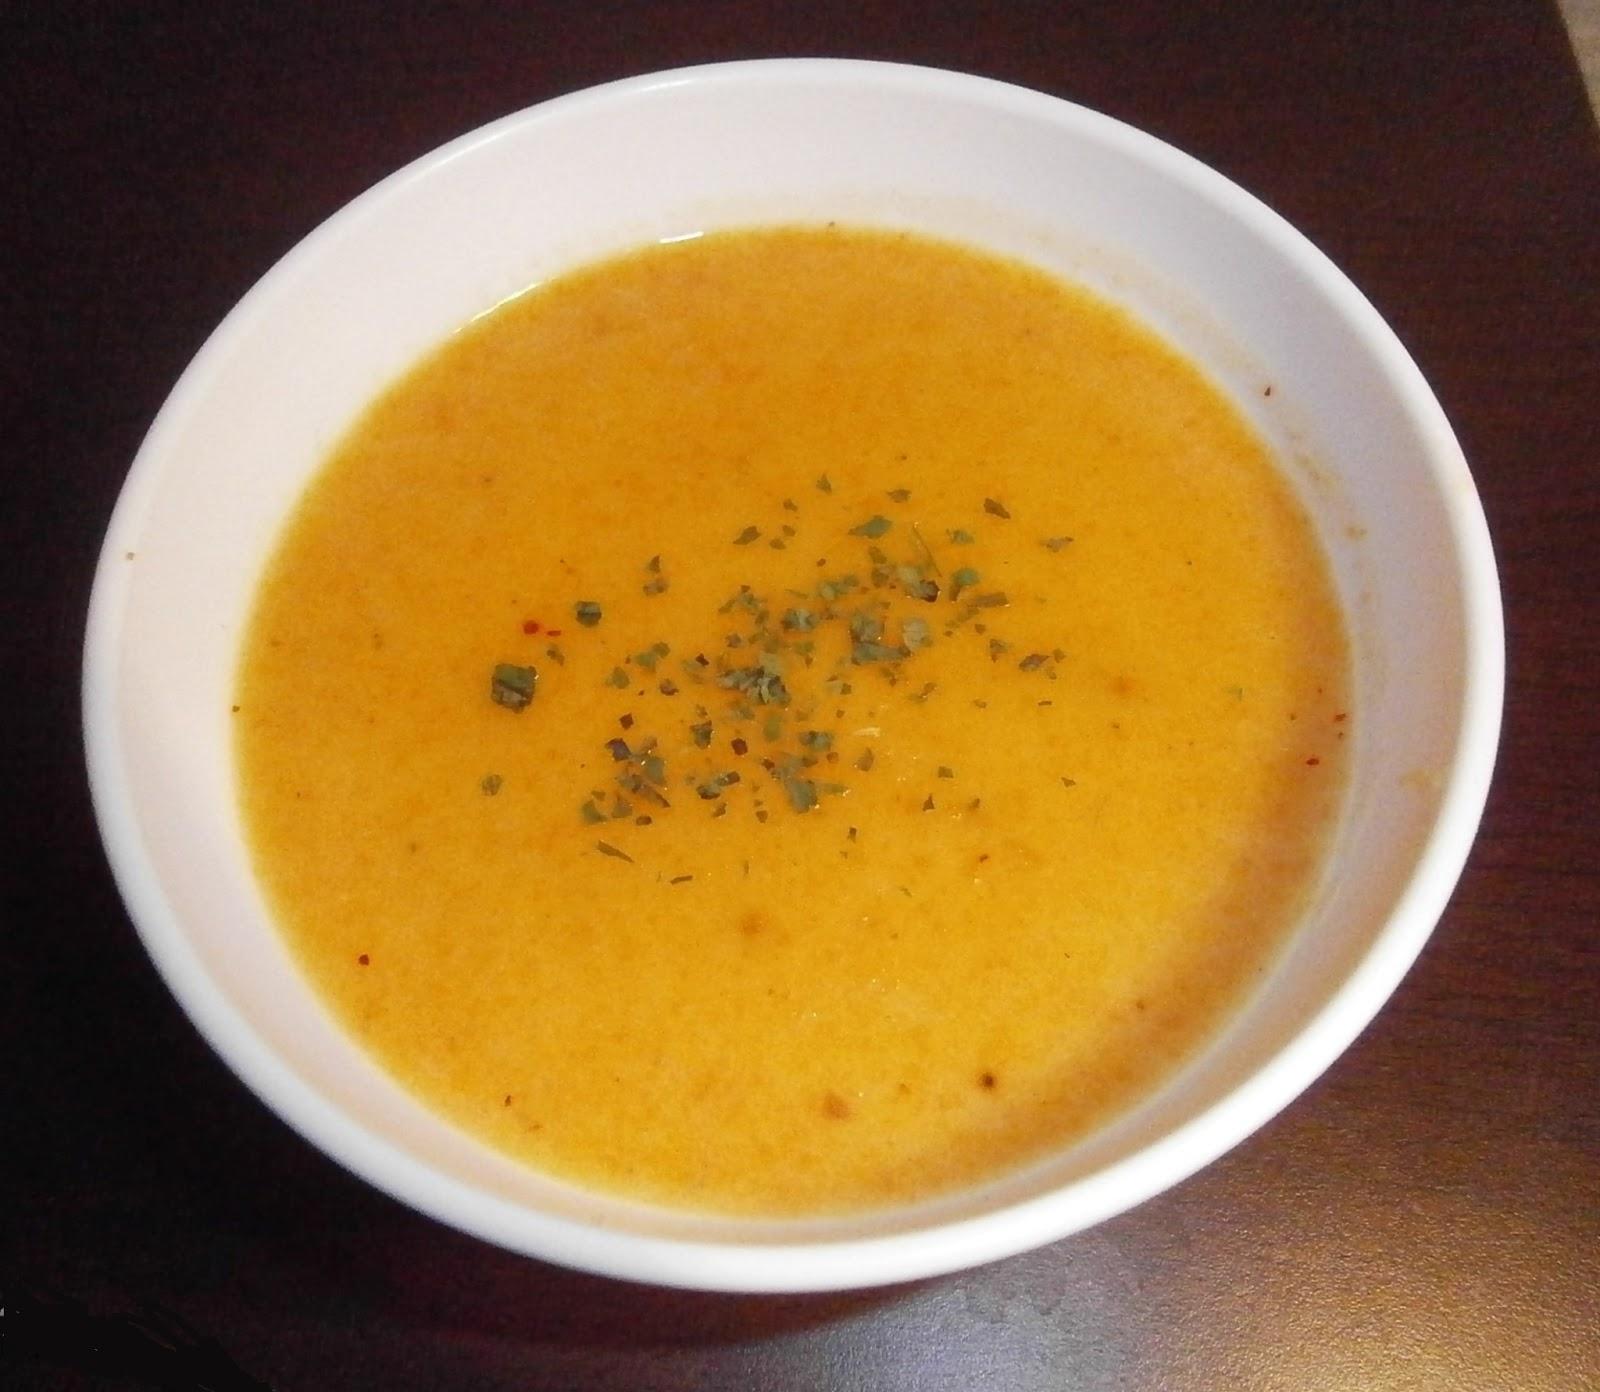 D lices d 39 une novice soupe de carottes - Peut on congeler de la soupe ...